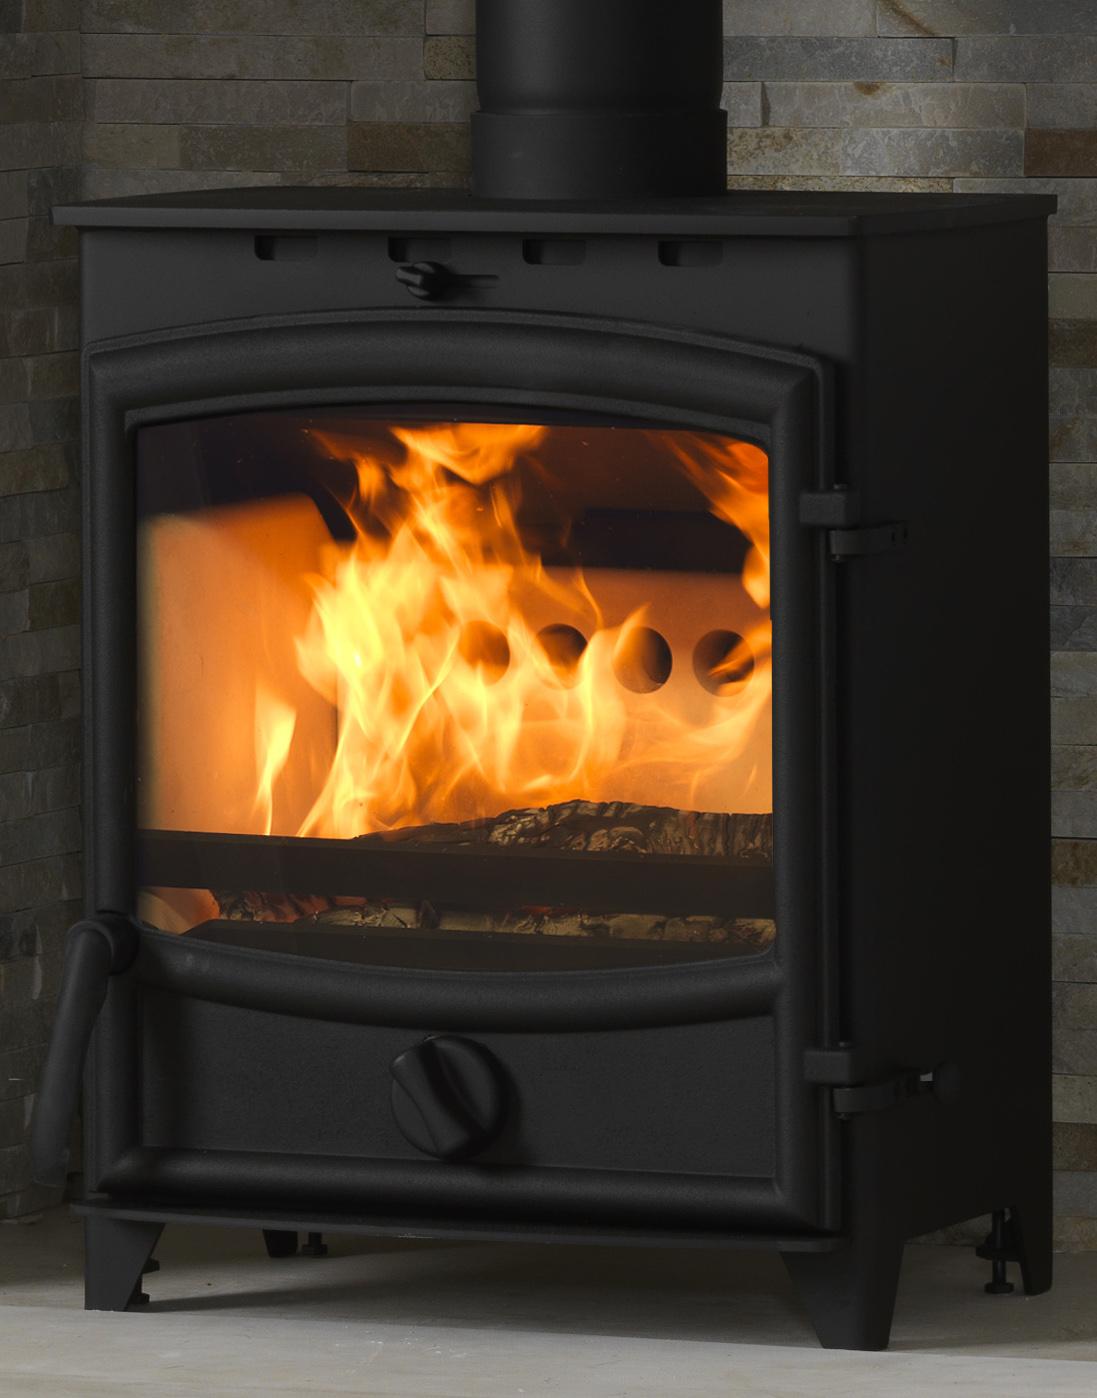 Fireline FX5W Eco